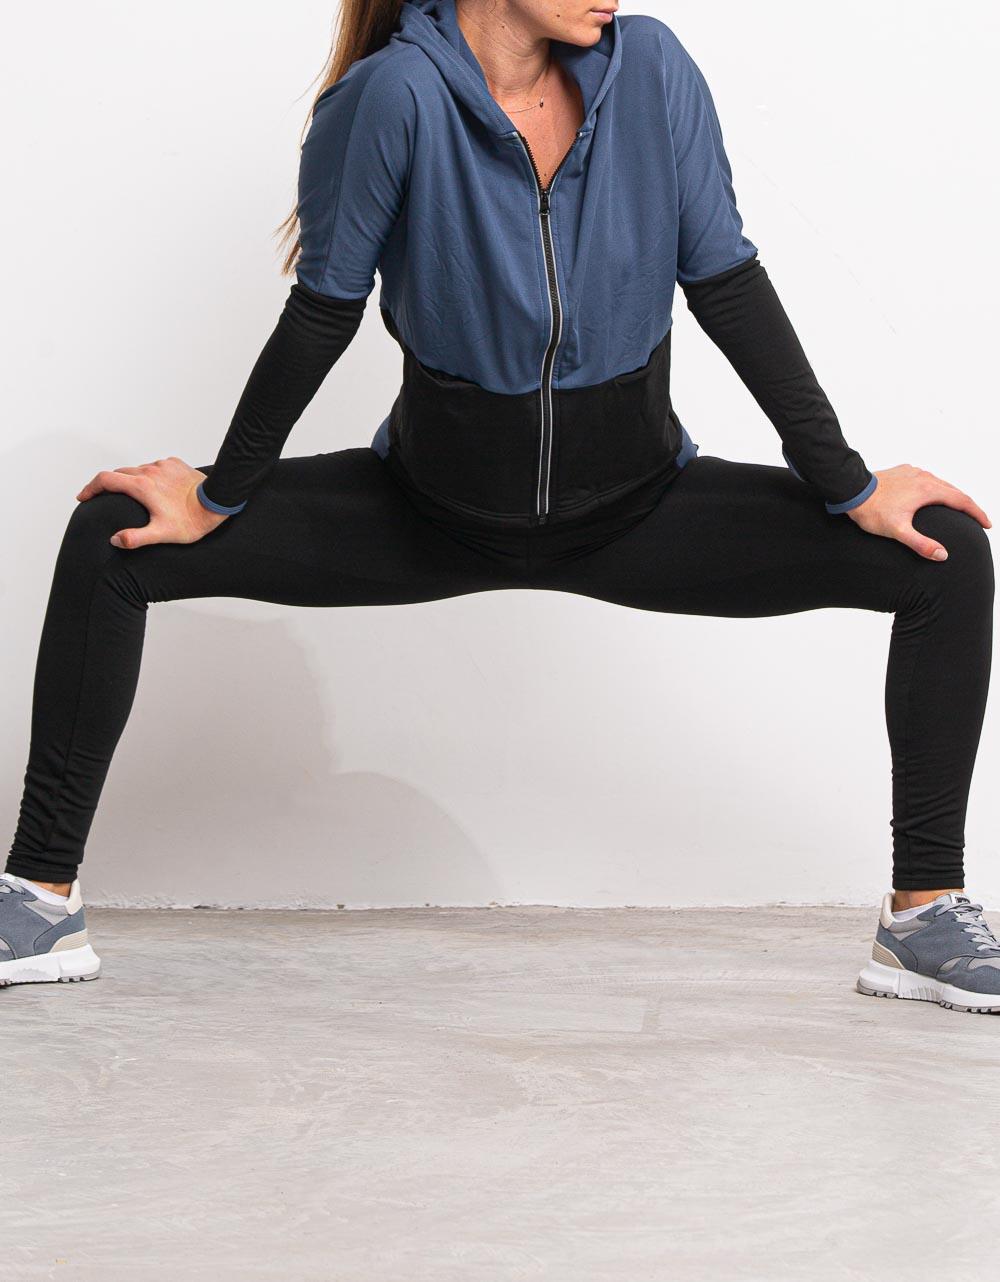 Εικόνα από Γυναικείo σετ ρούχων κολάν και ζακέτα με κουκούλα Μπλε